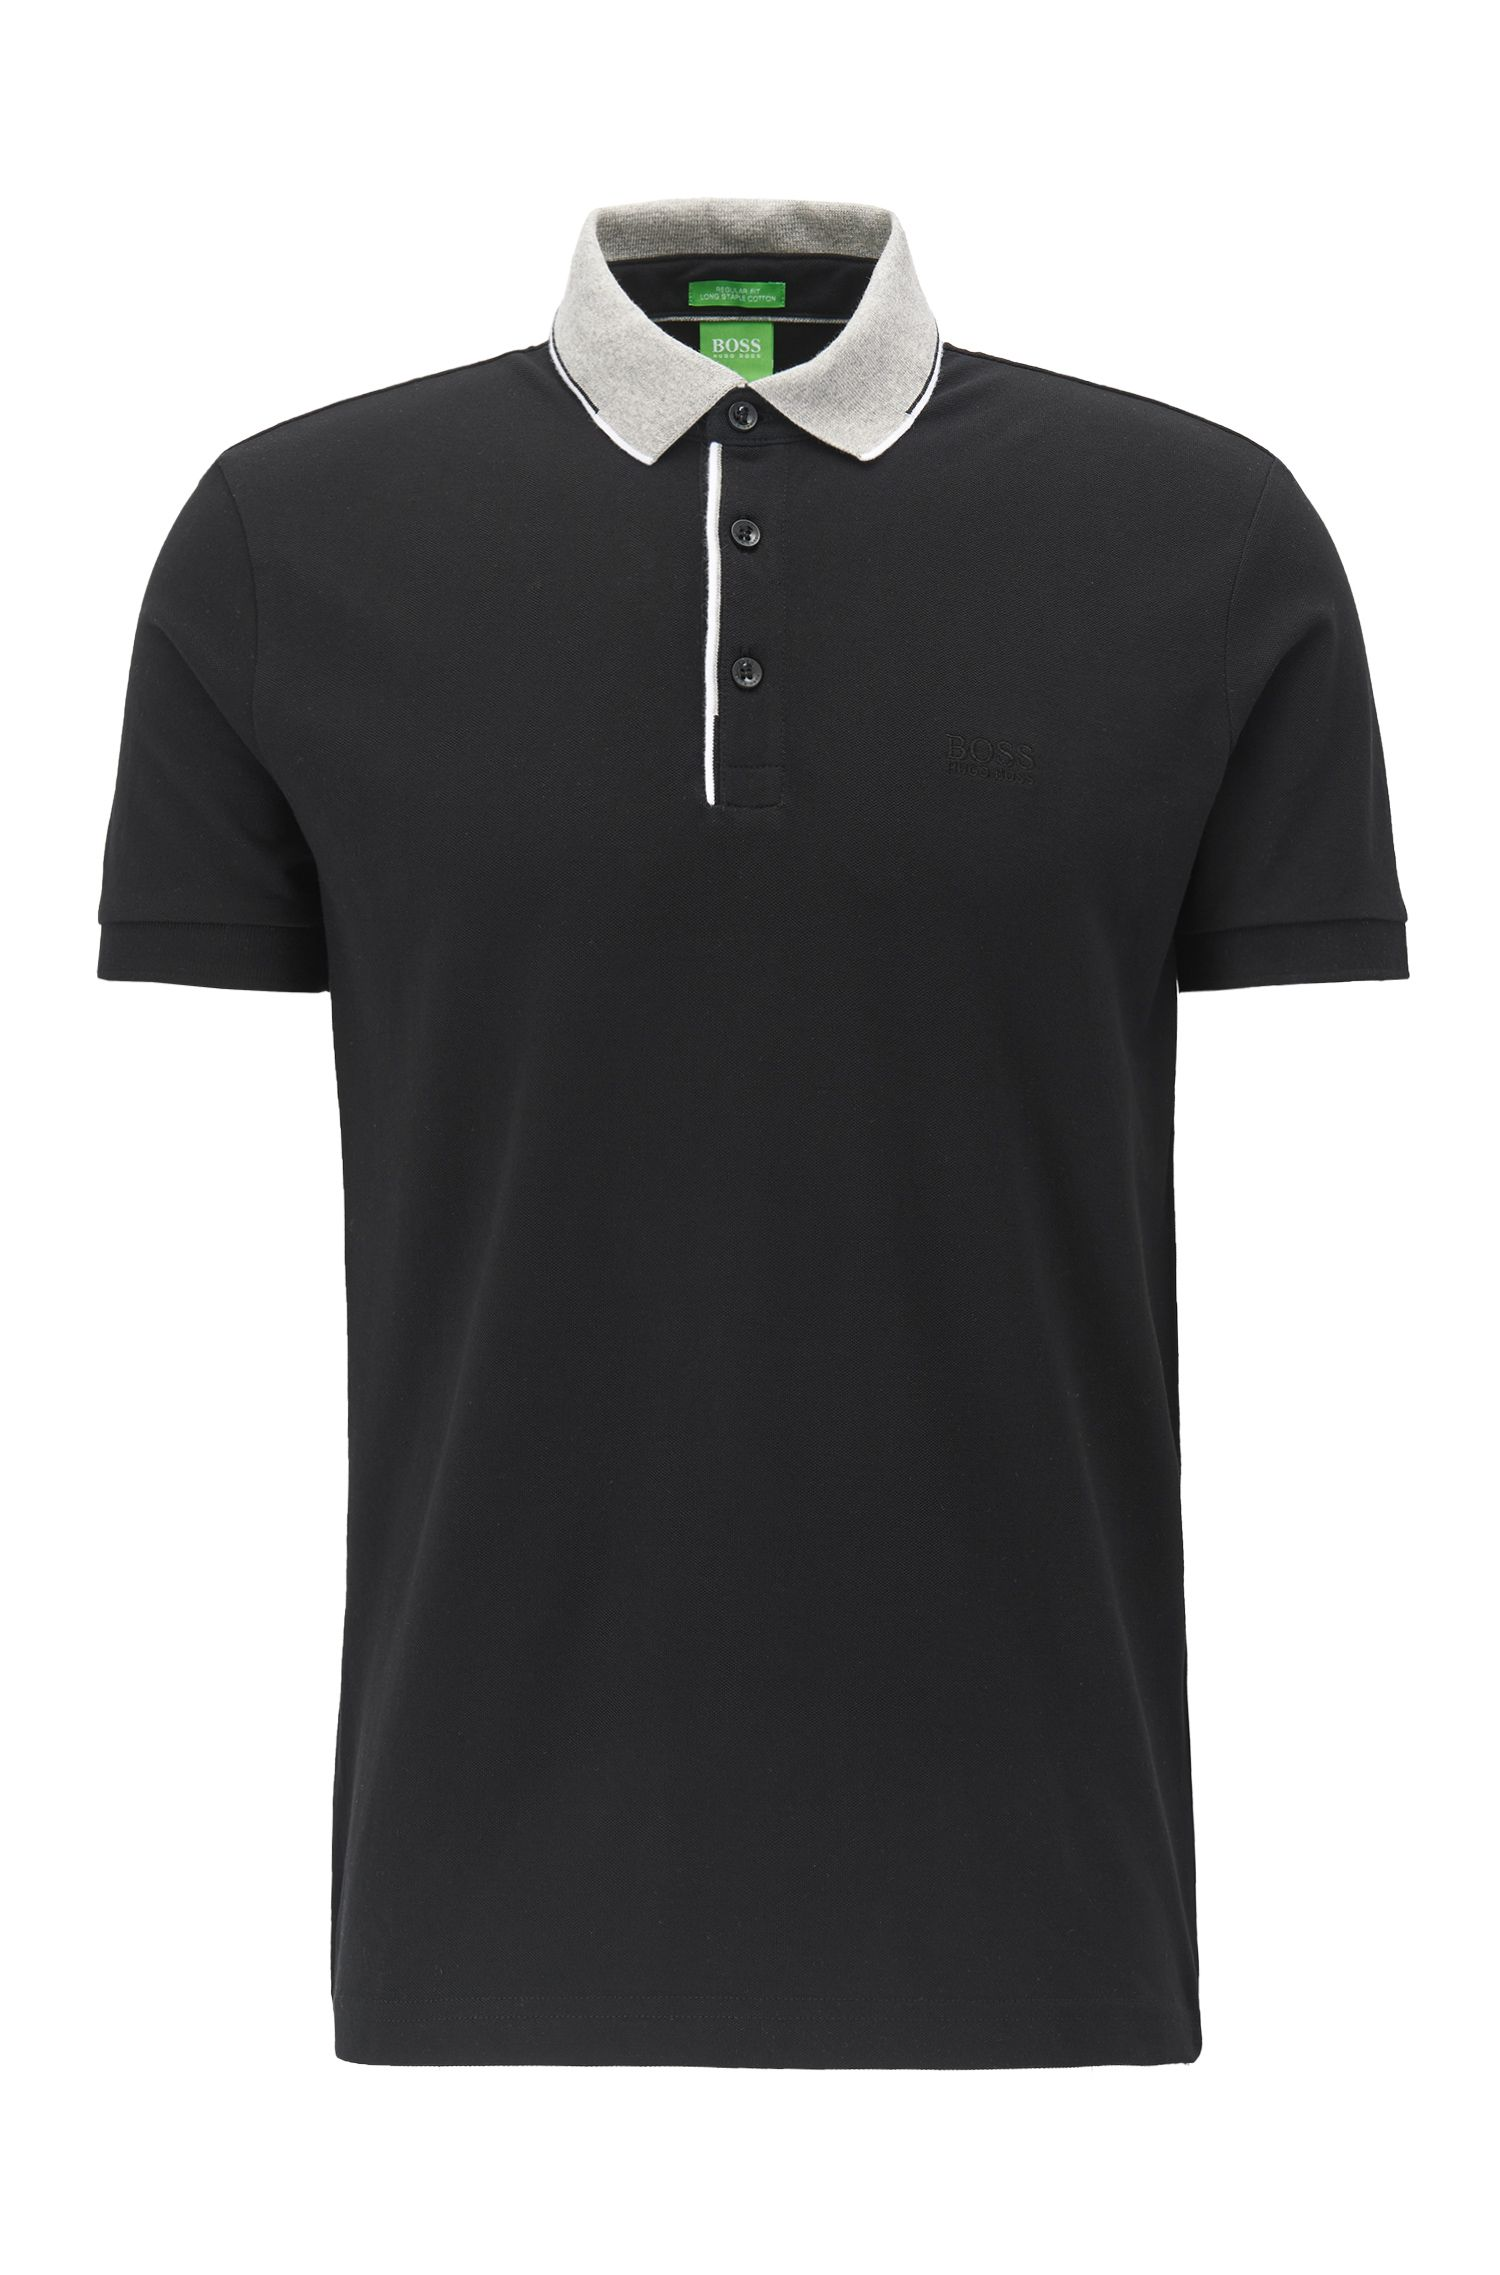 Regular-Fit Poloshirt aus Baumwoll-Piqué mit Kontrastkragen